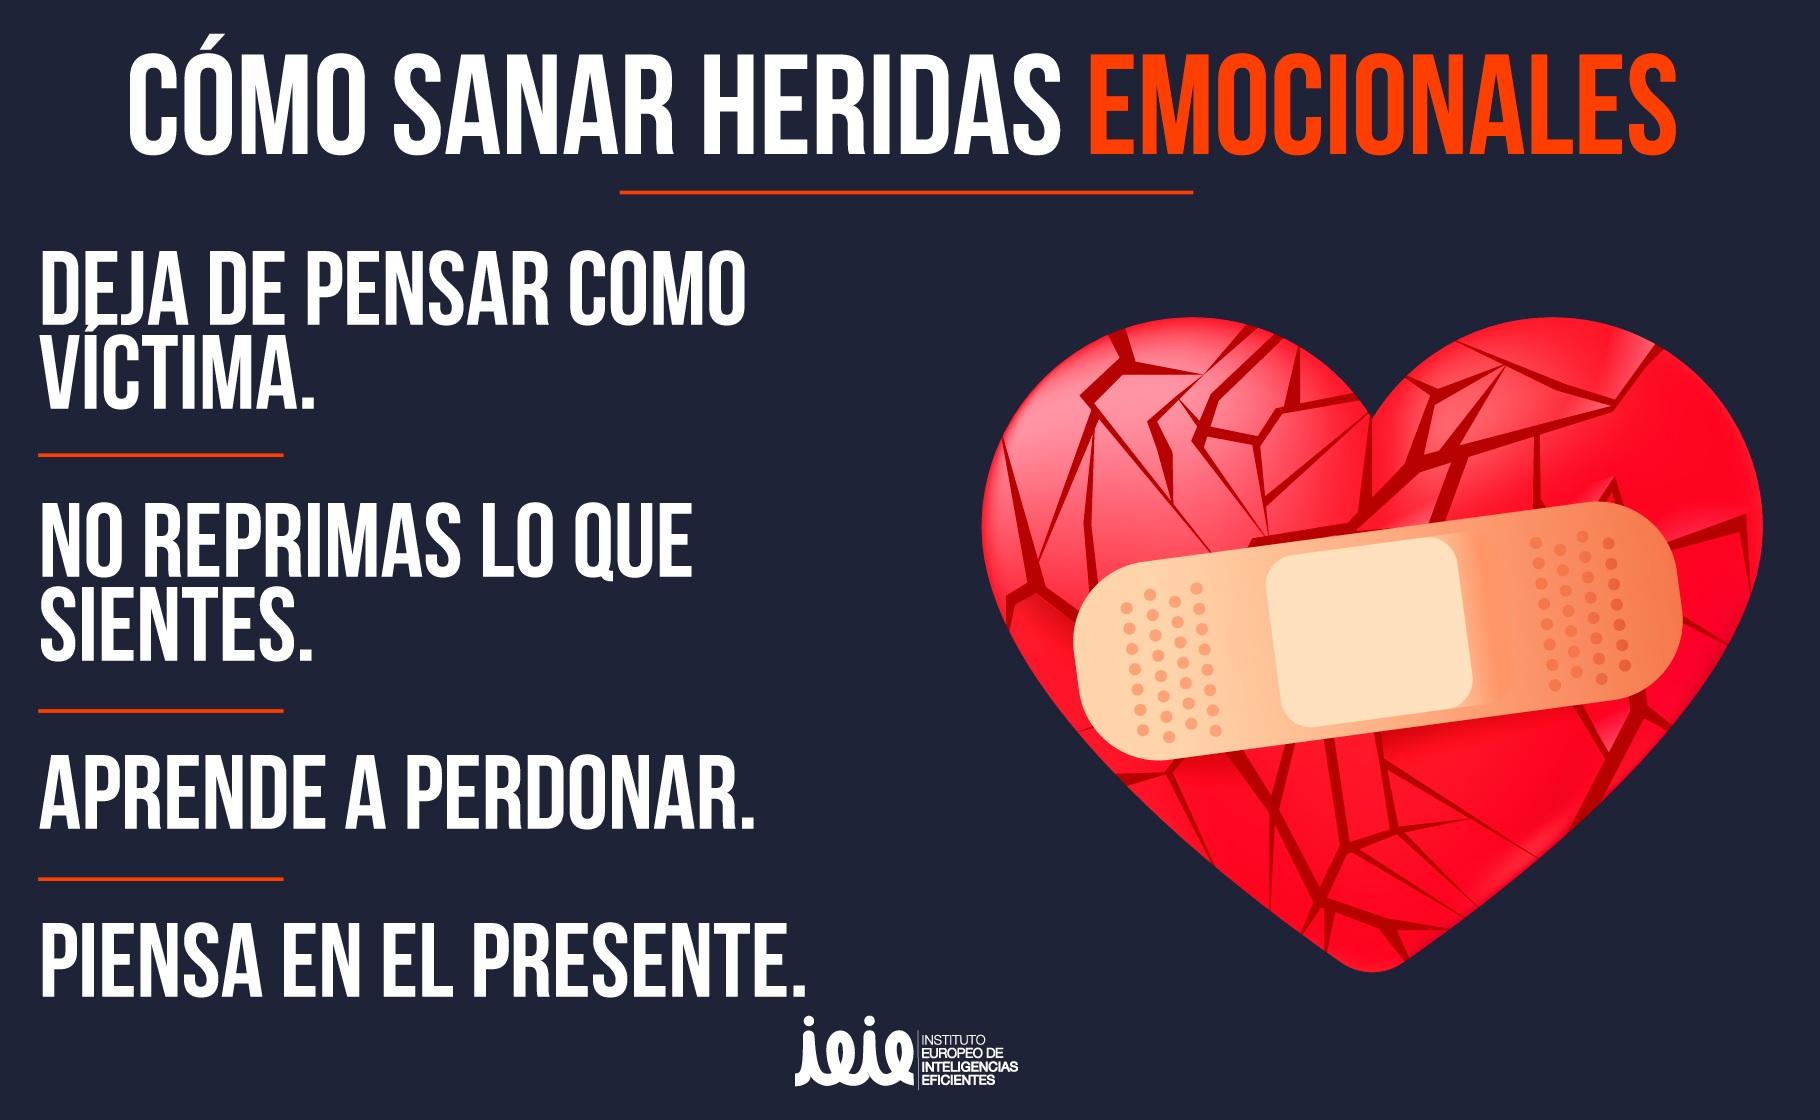 Emociones que curan: ¿Cómo sanar heridas emocionales?